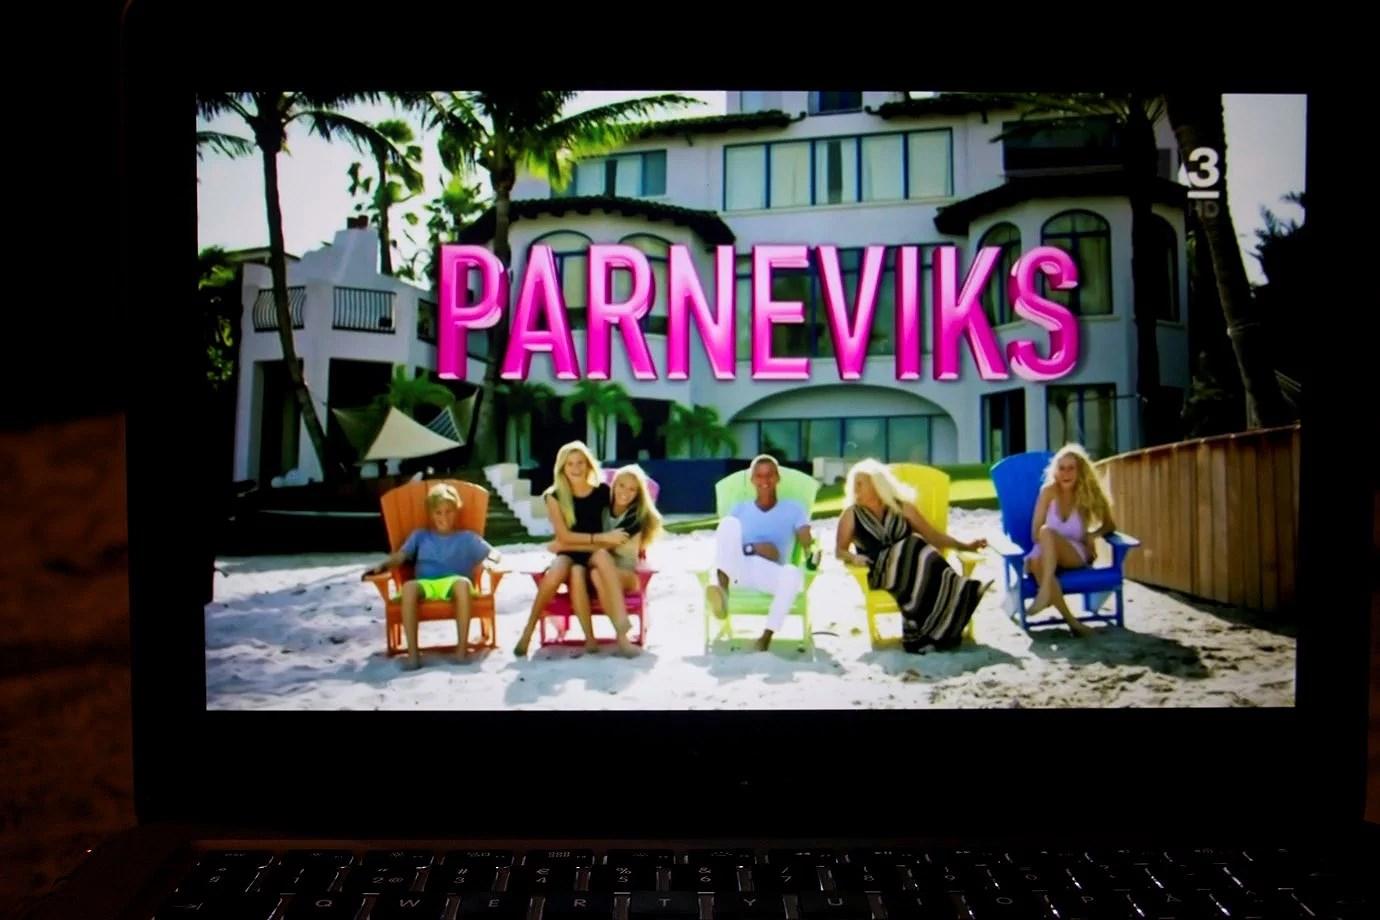 PARNEVIKS